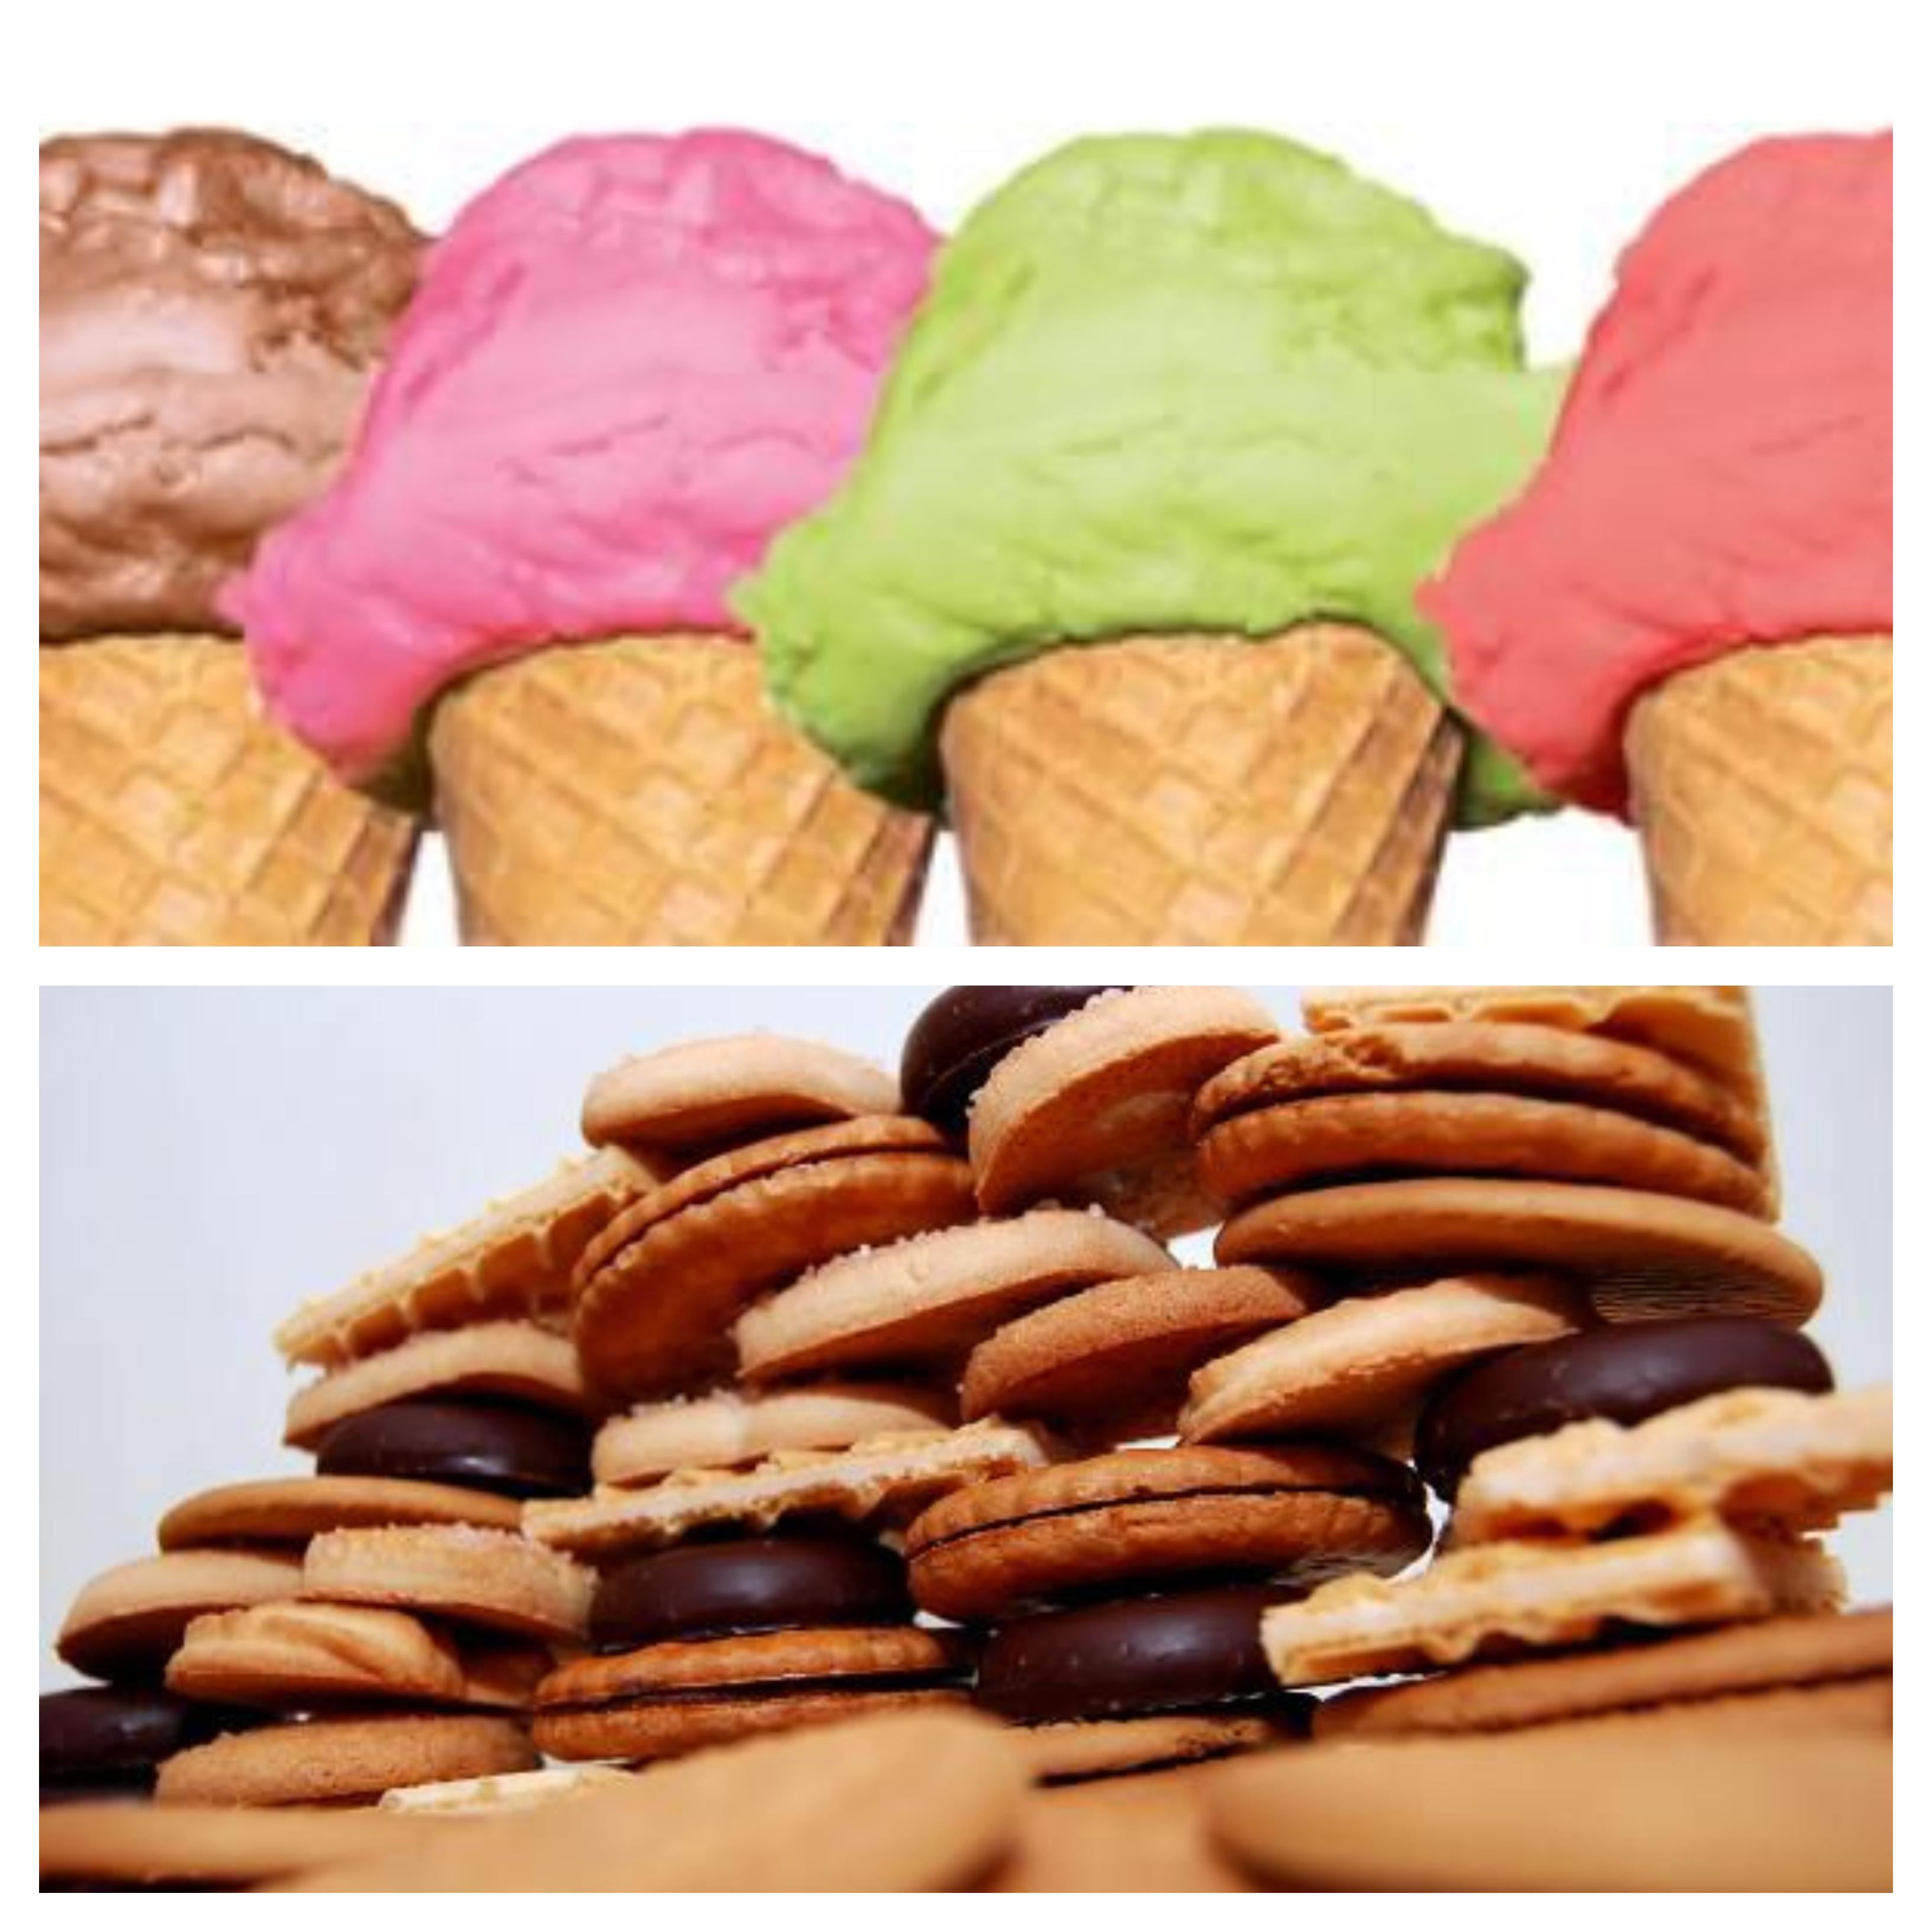 Los snacks, galletas y helados son los productos peor valorados por la OCU